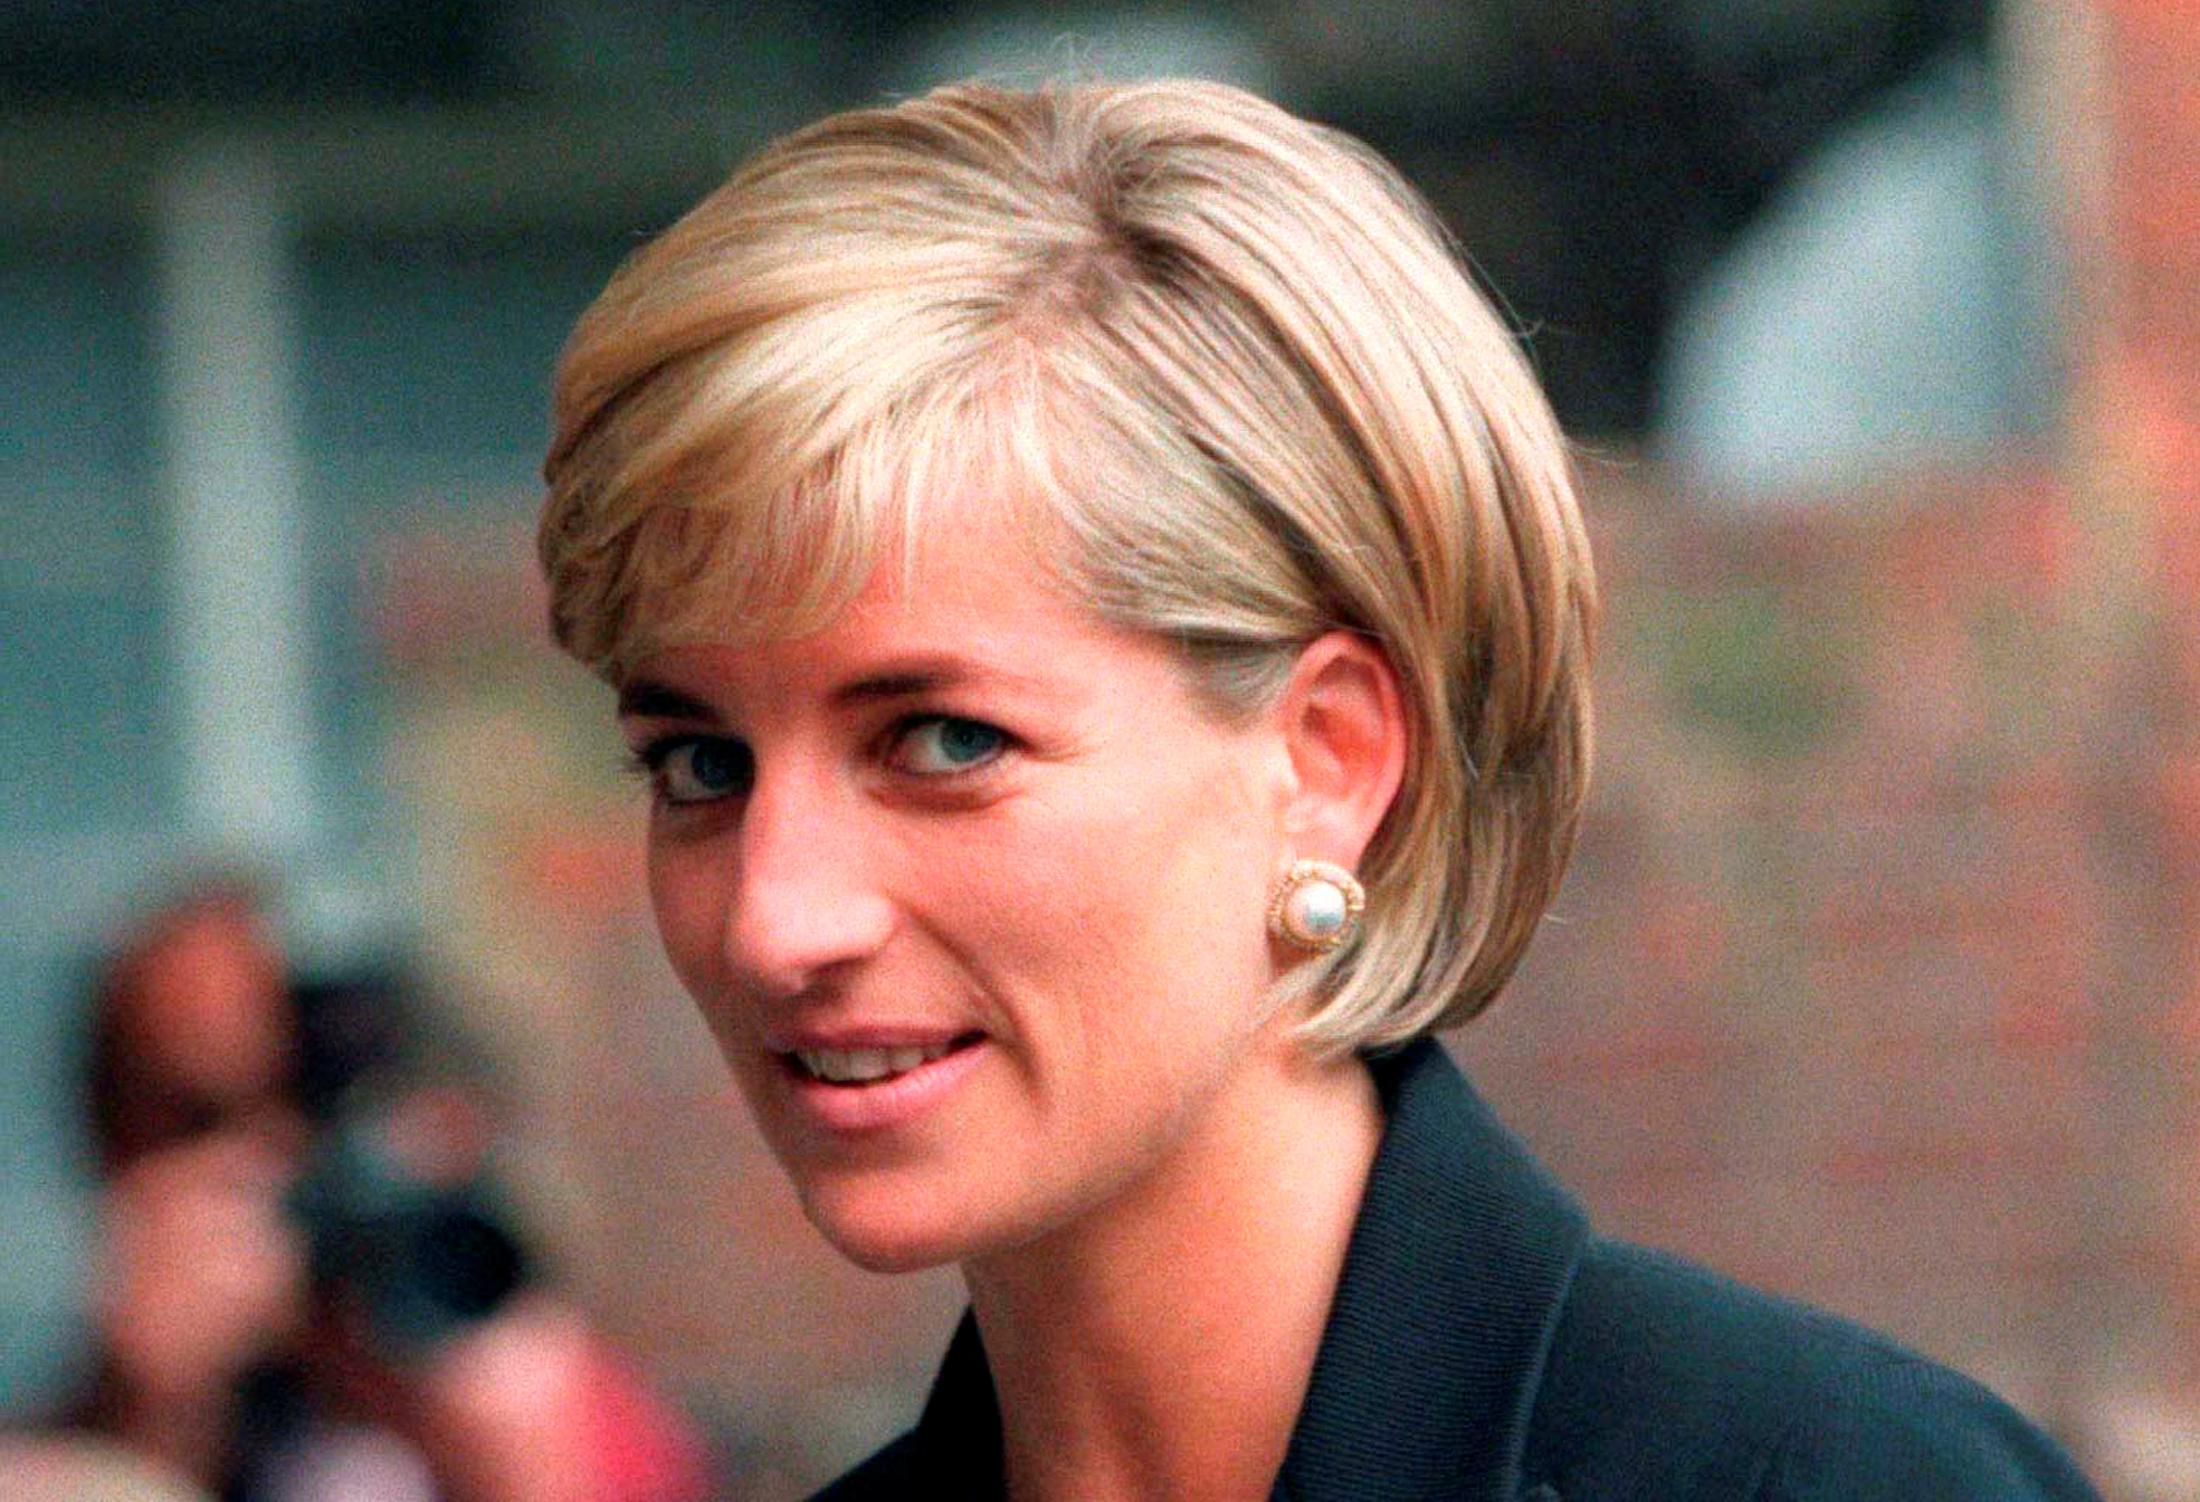 Κρίστεν Στιούαρτ: Συγκλονιστική η πρώτη της εικόνα ως πριγκίπισσα Νταϊάνα (pic, vid)